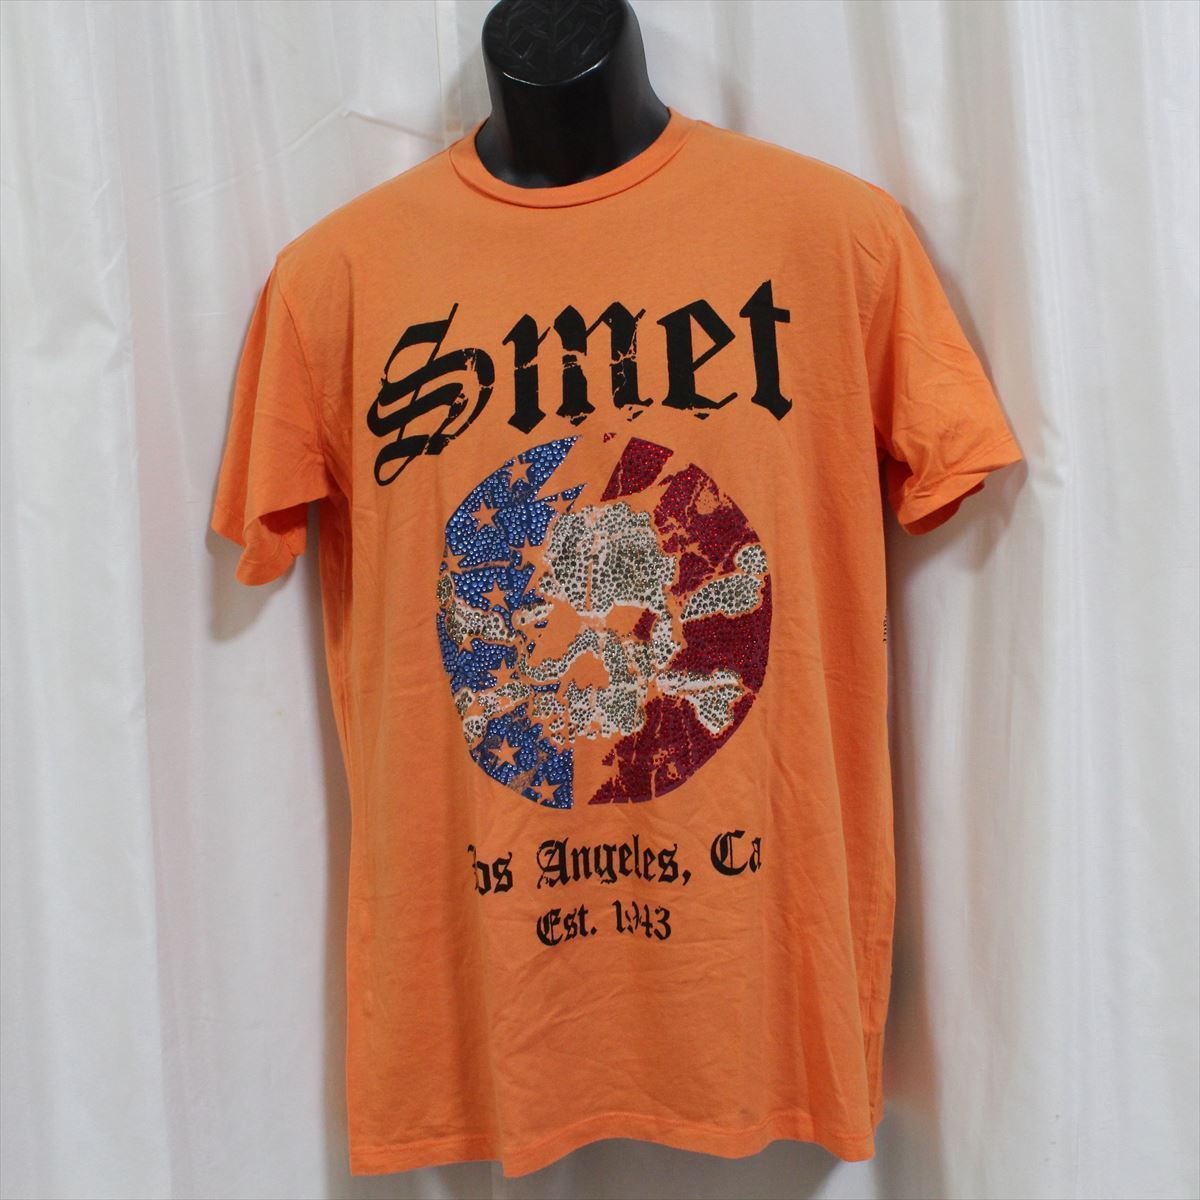 スメット SMET メンズ半袖Tシャツ オレンジ Lサイズ NO3 新品_画像1